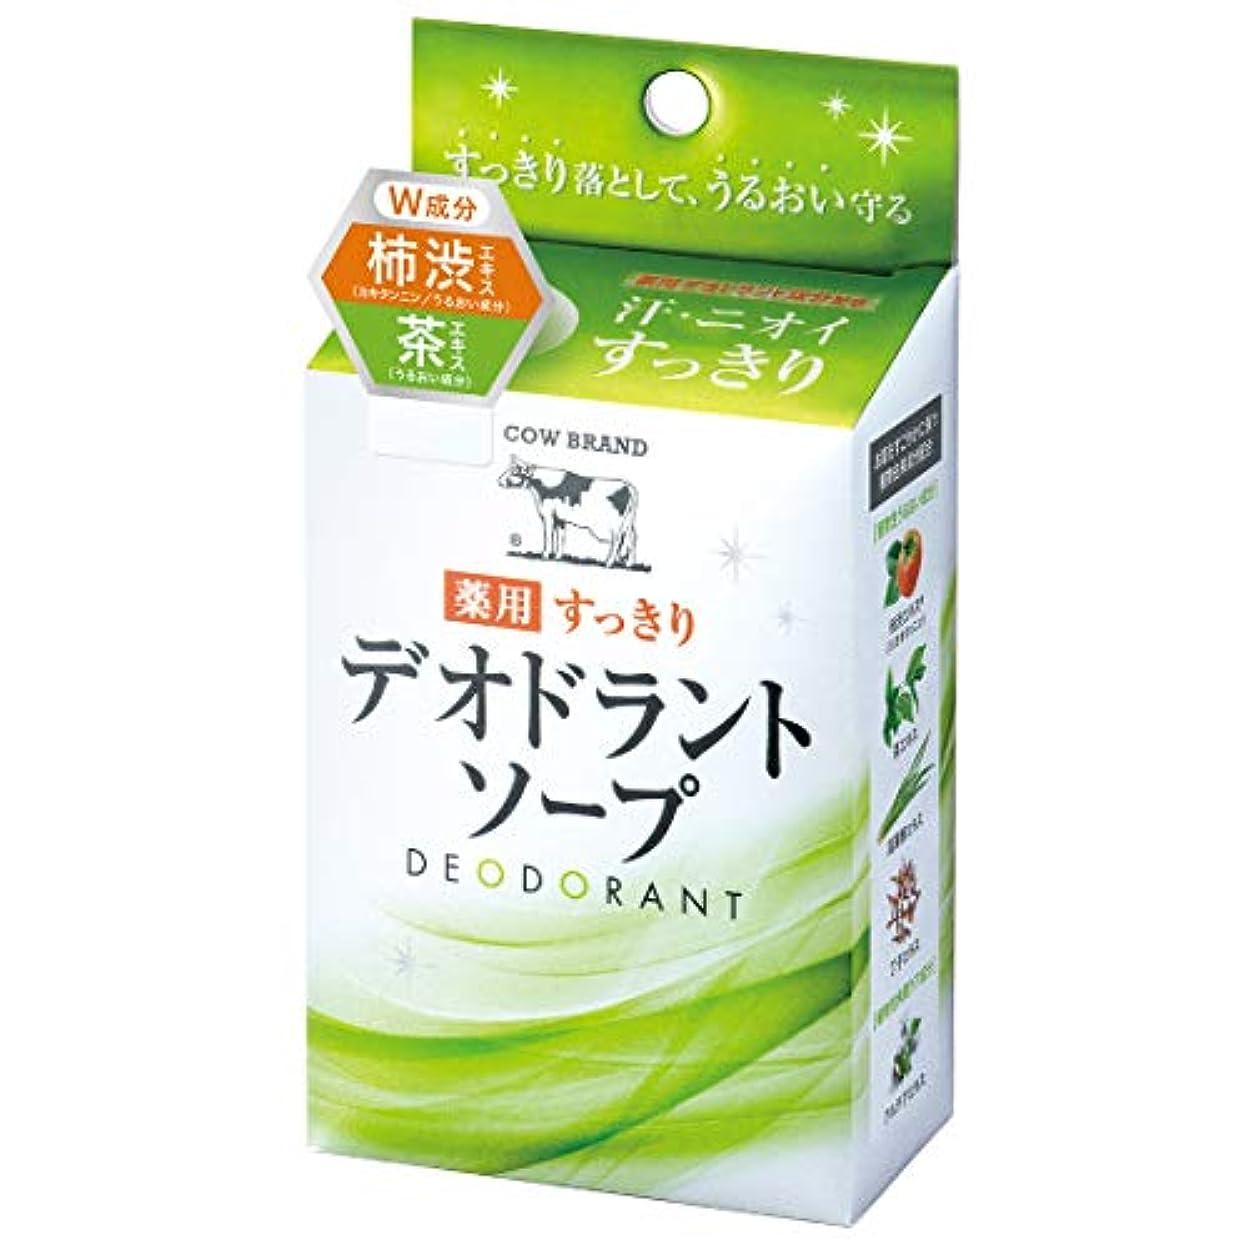 勤勉な水タクシーカウブランド 薬用すっきりデオドラントソープ 125g 【医薬部外品】